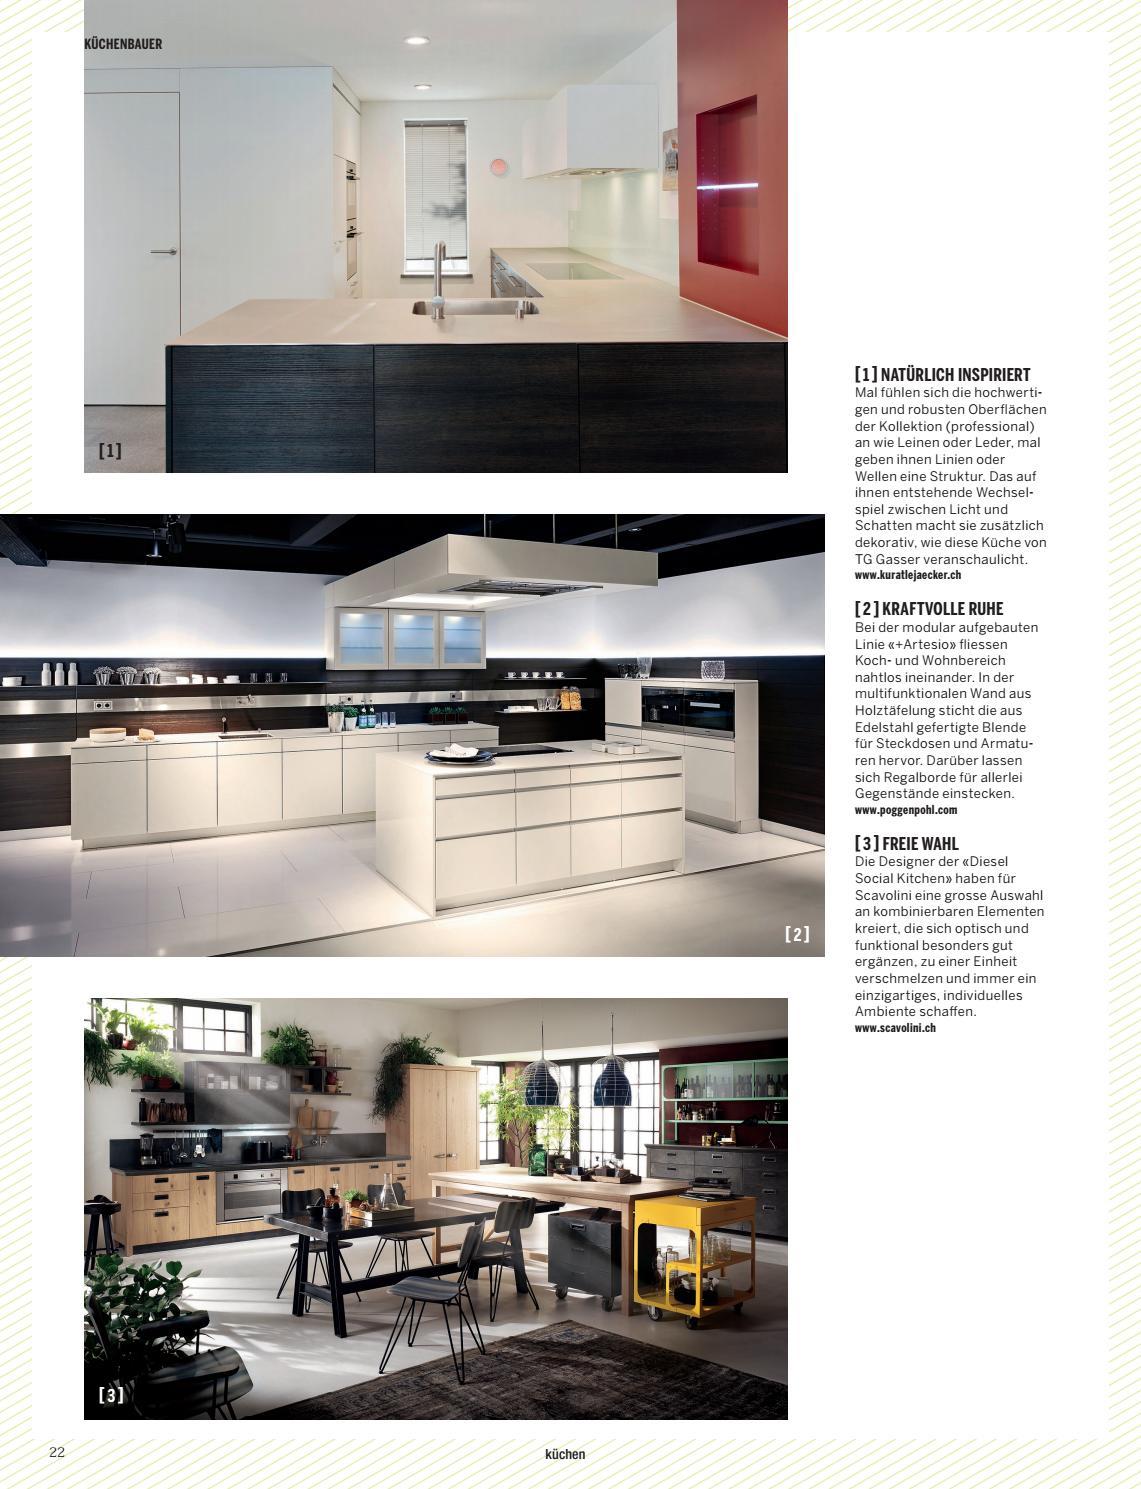 traumhaus küchen 2016 by BL Verlag AG - issuu